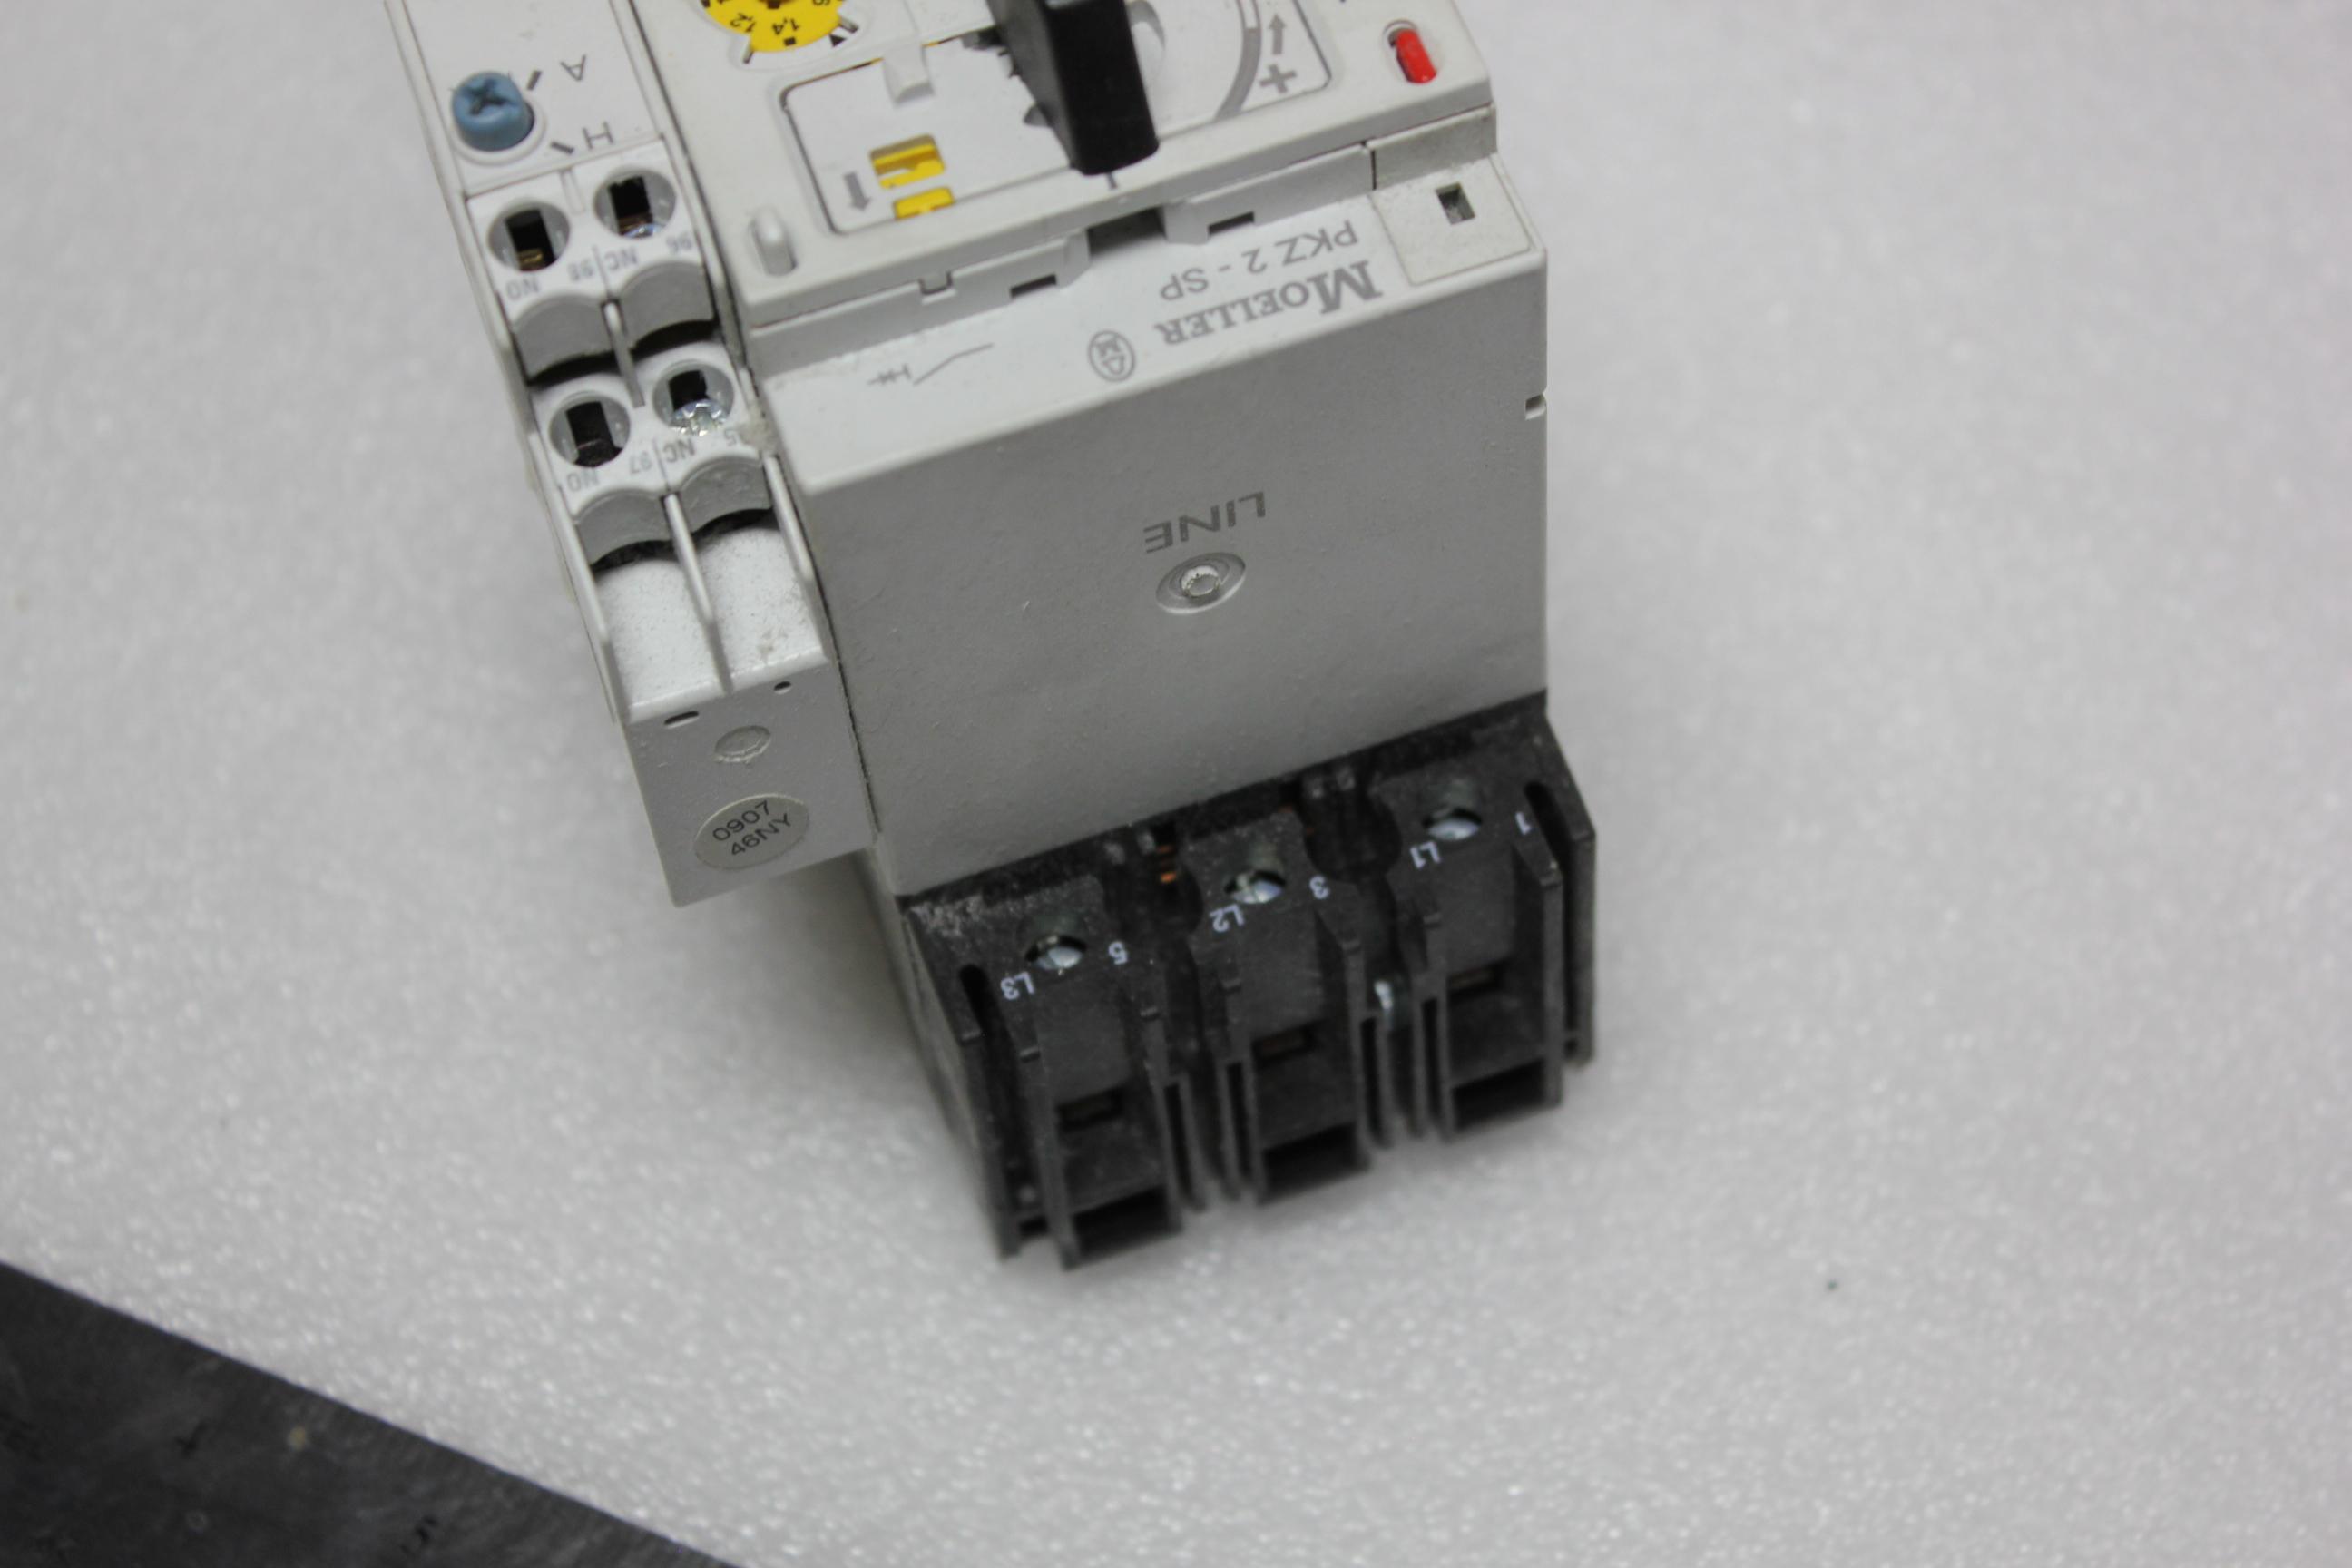 KLOCKNER MOELLER MOTOR PROTECTOR WITH REMOTE OPERATOR - Image 4 of 7